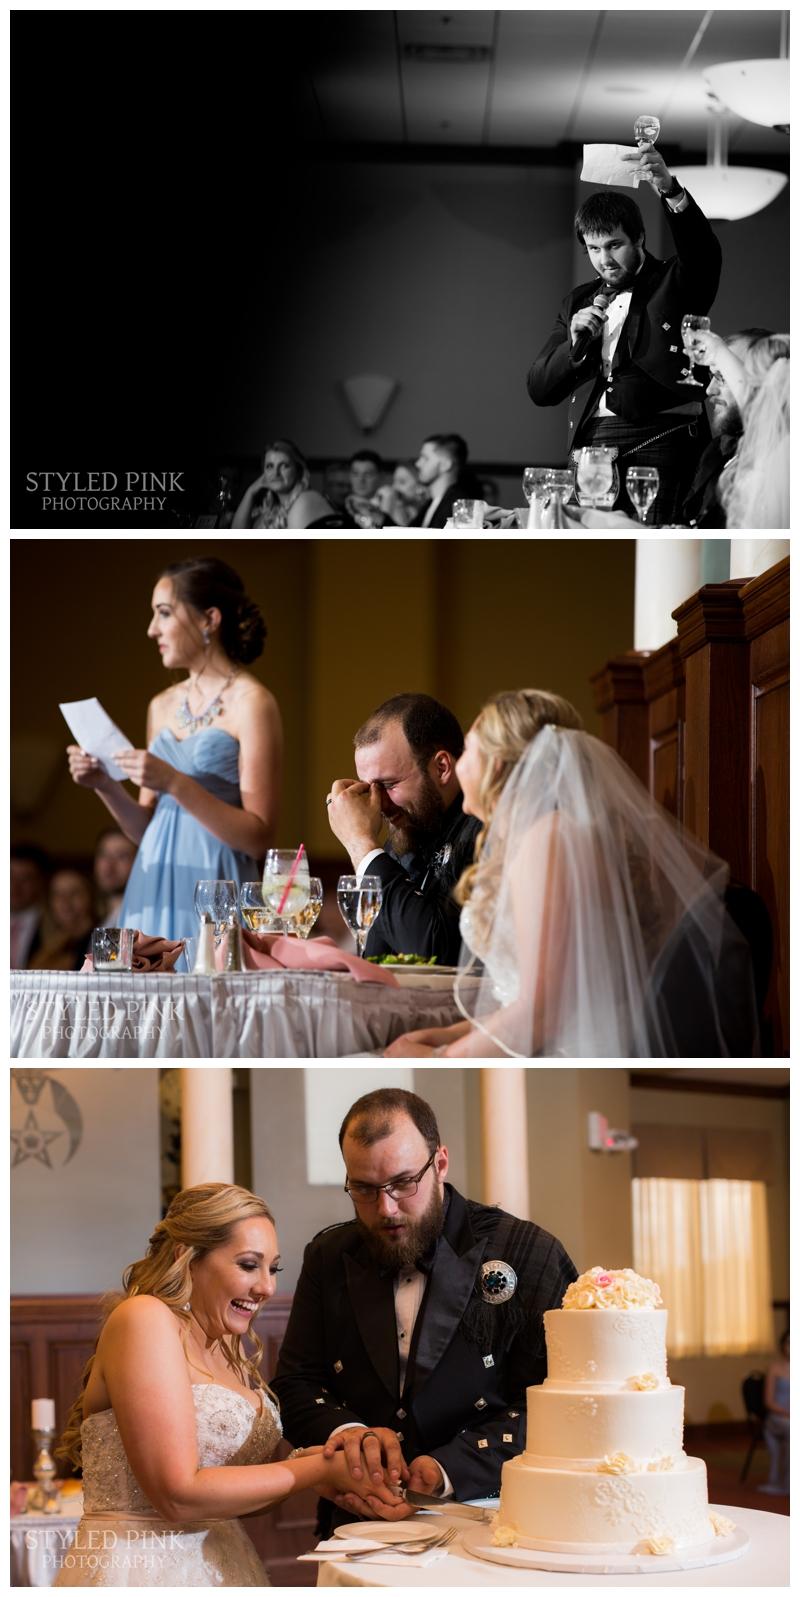 crescent-shrine-nj-wedding-styled-pink-photography-28